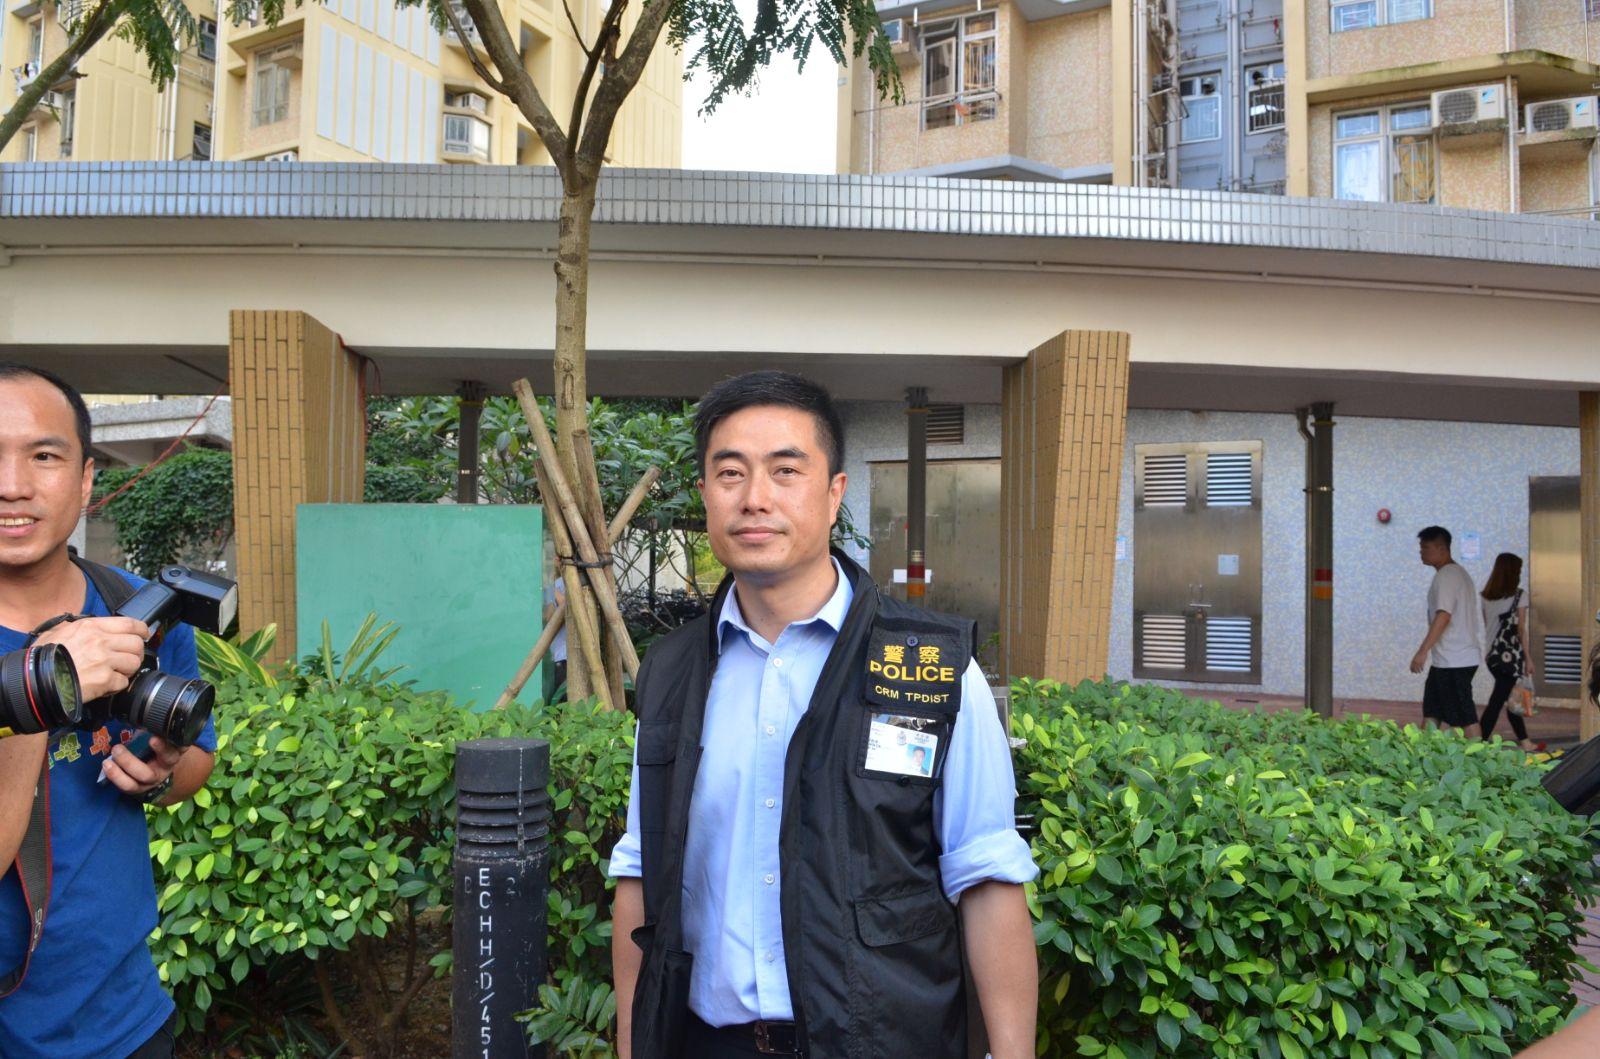 大埔警區助理指揮官警司蔡俊豪